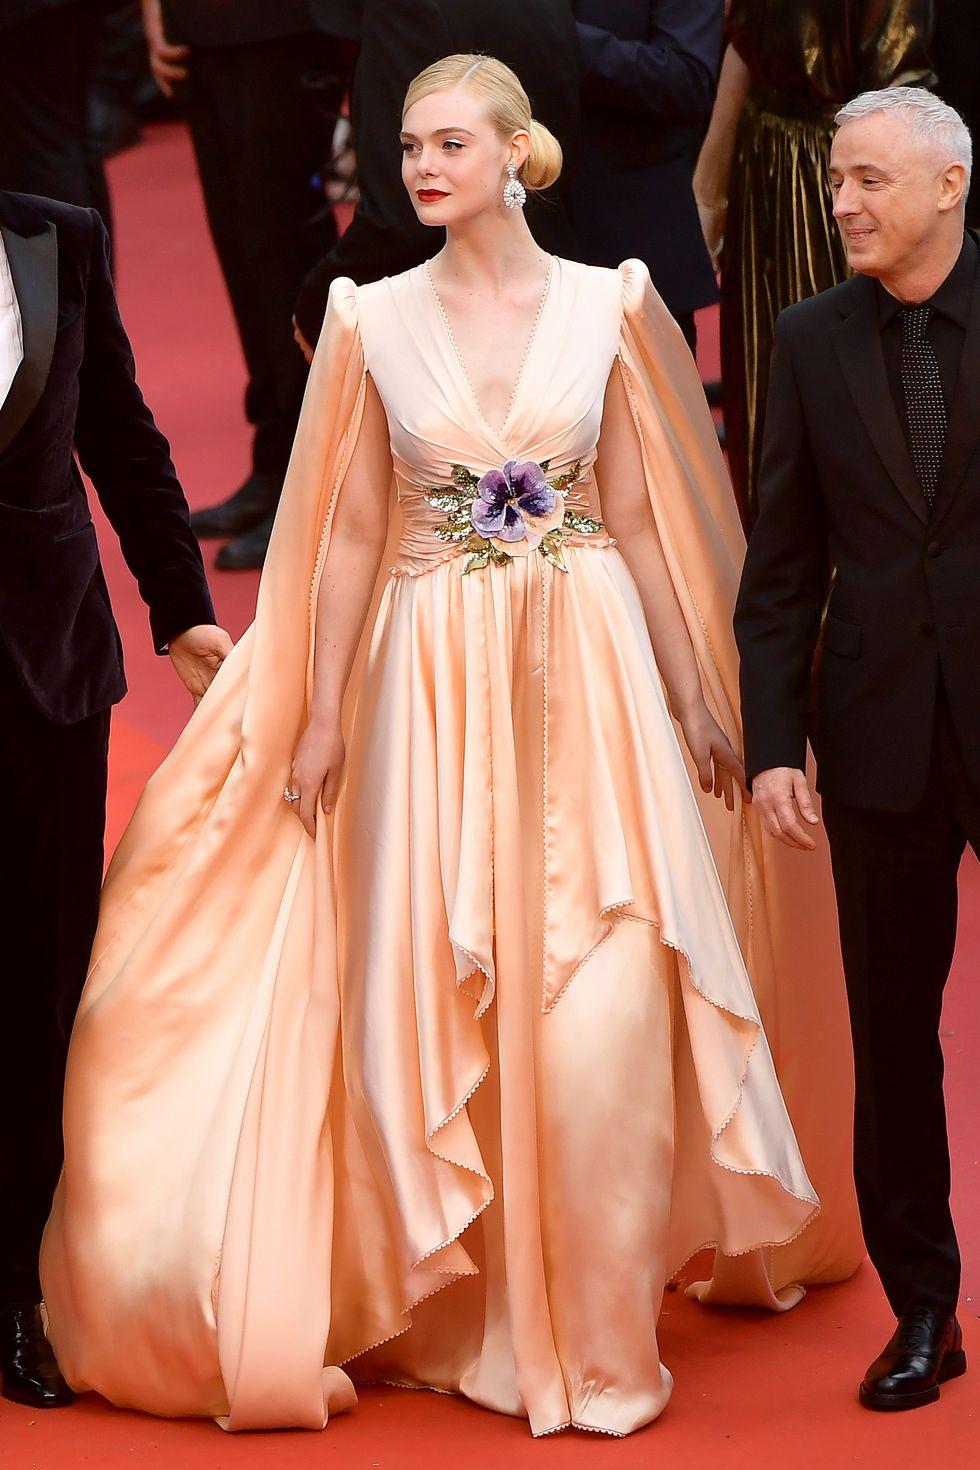 Fanning memakai gaun silk beraksen cape warna nude peach dari rumah mode ternama, Gucci